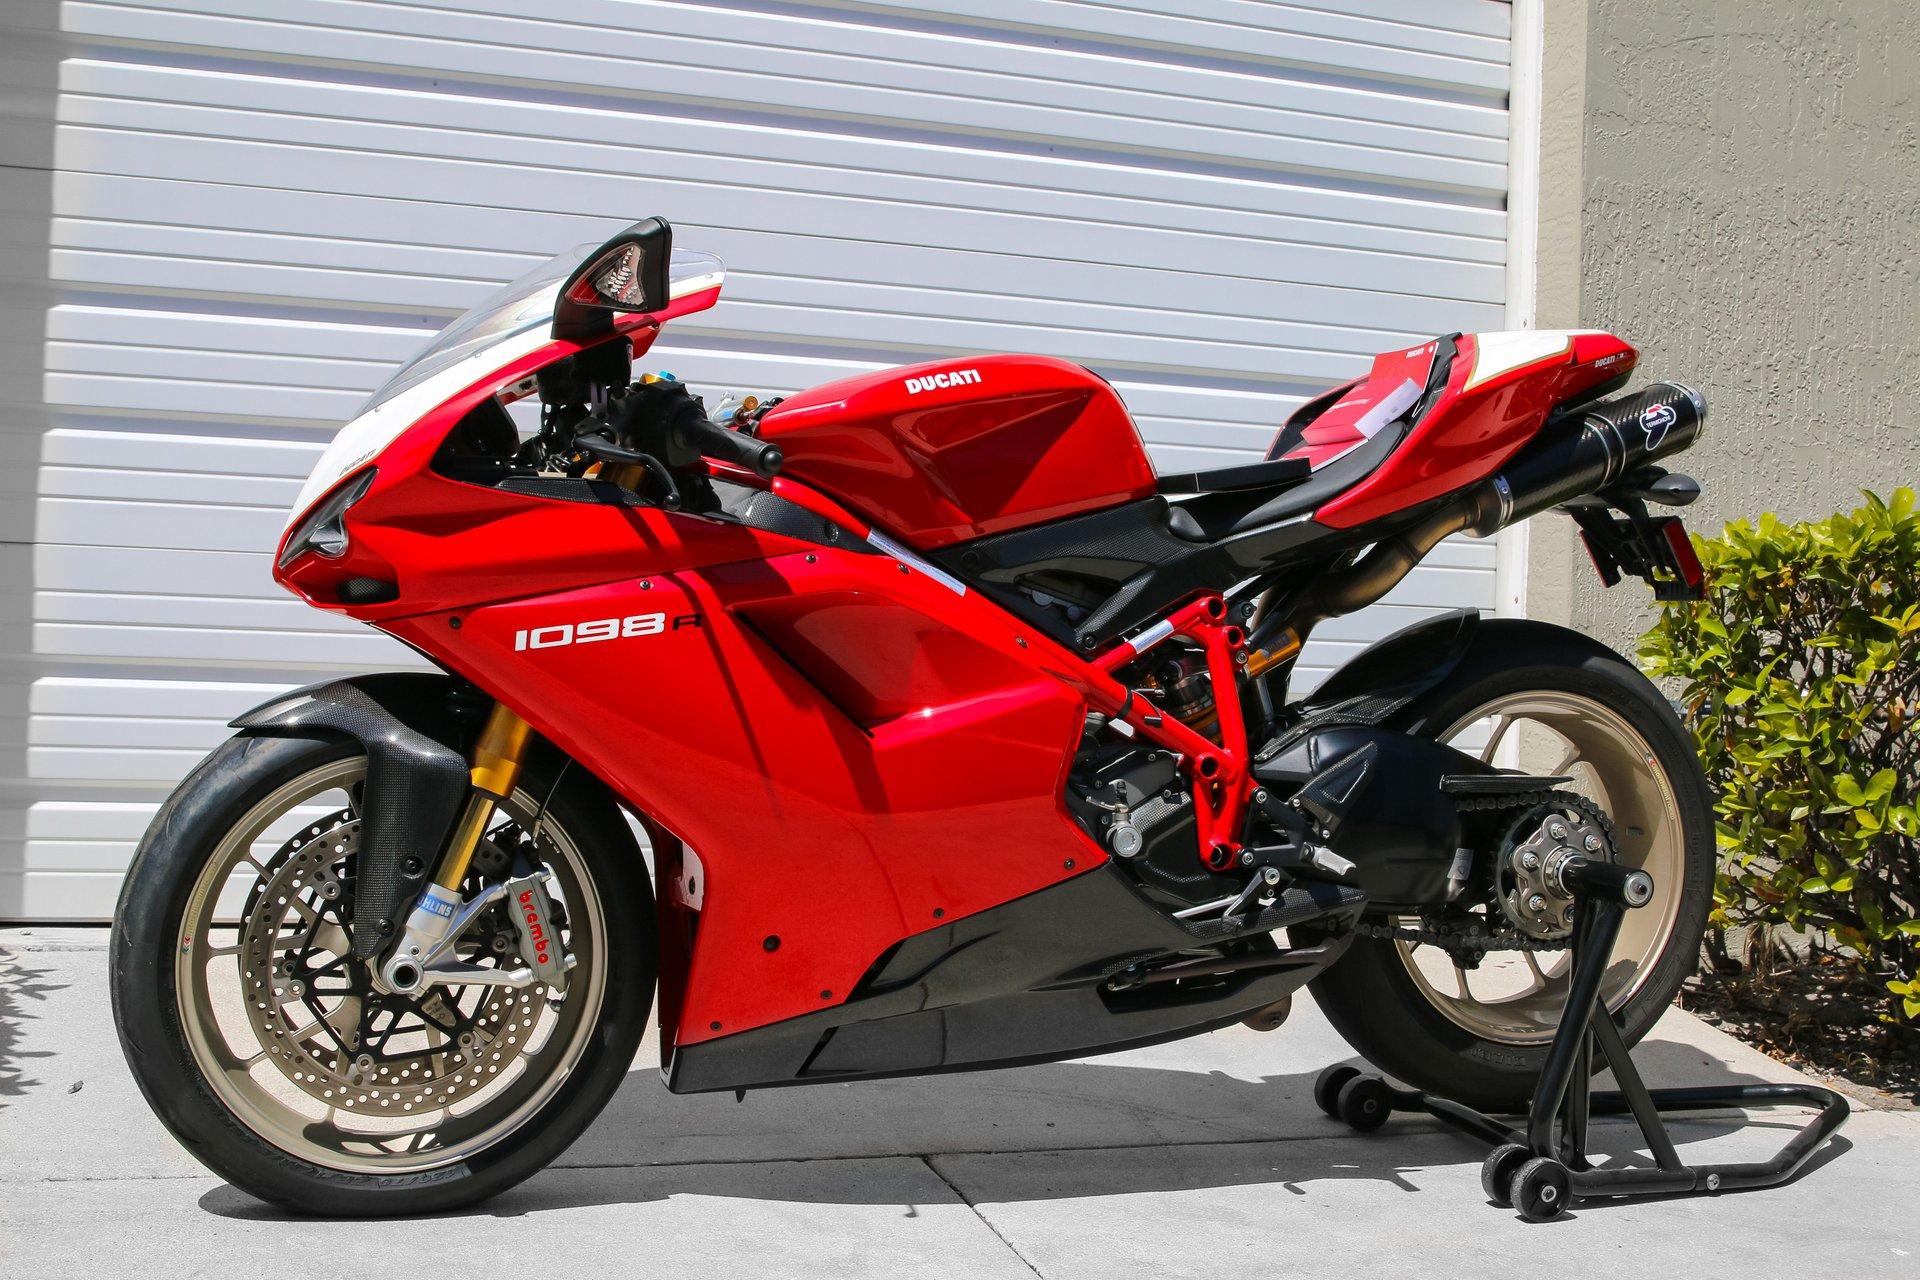 2008 ducati 1098r